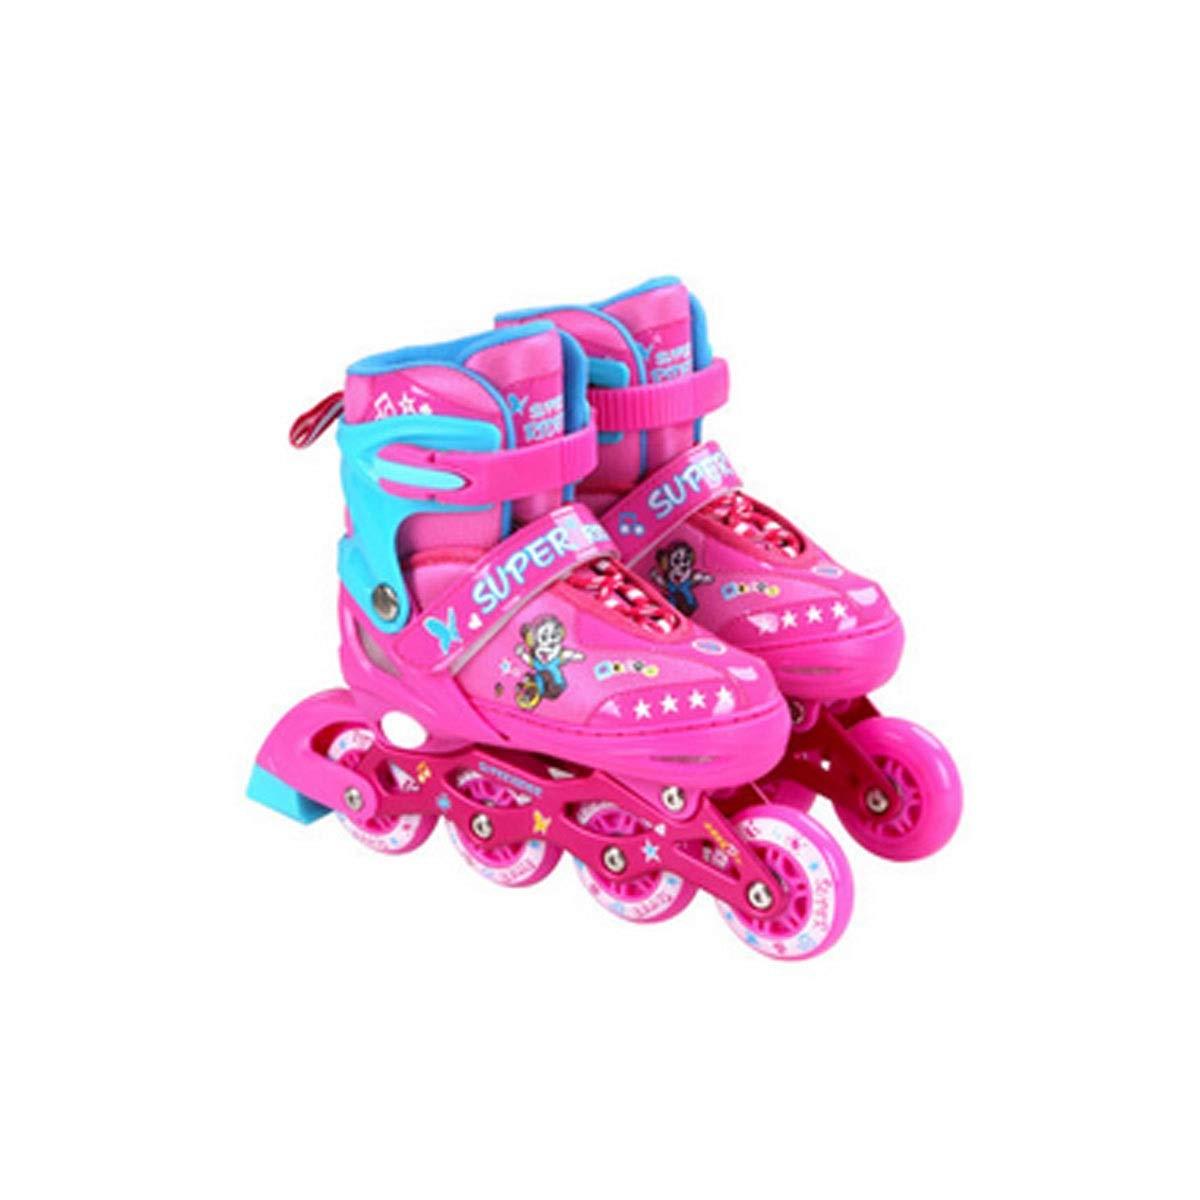 rose B-M Patins à roues alignées, patins pour enfants, taille ajustable aux quatre roues, équipeHommest de prougeection complet, patins à roues alignées apporte une expérience d'enfance différente pour votre b&e